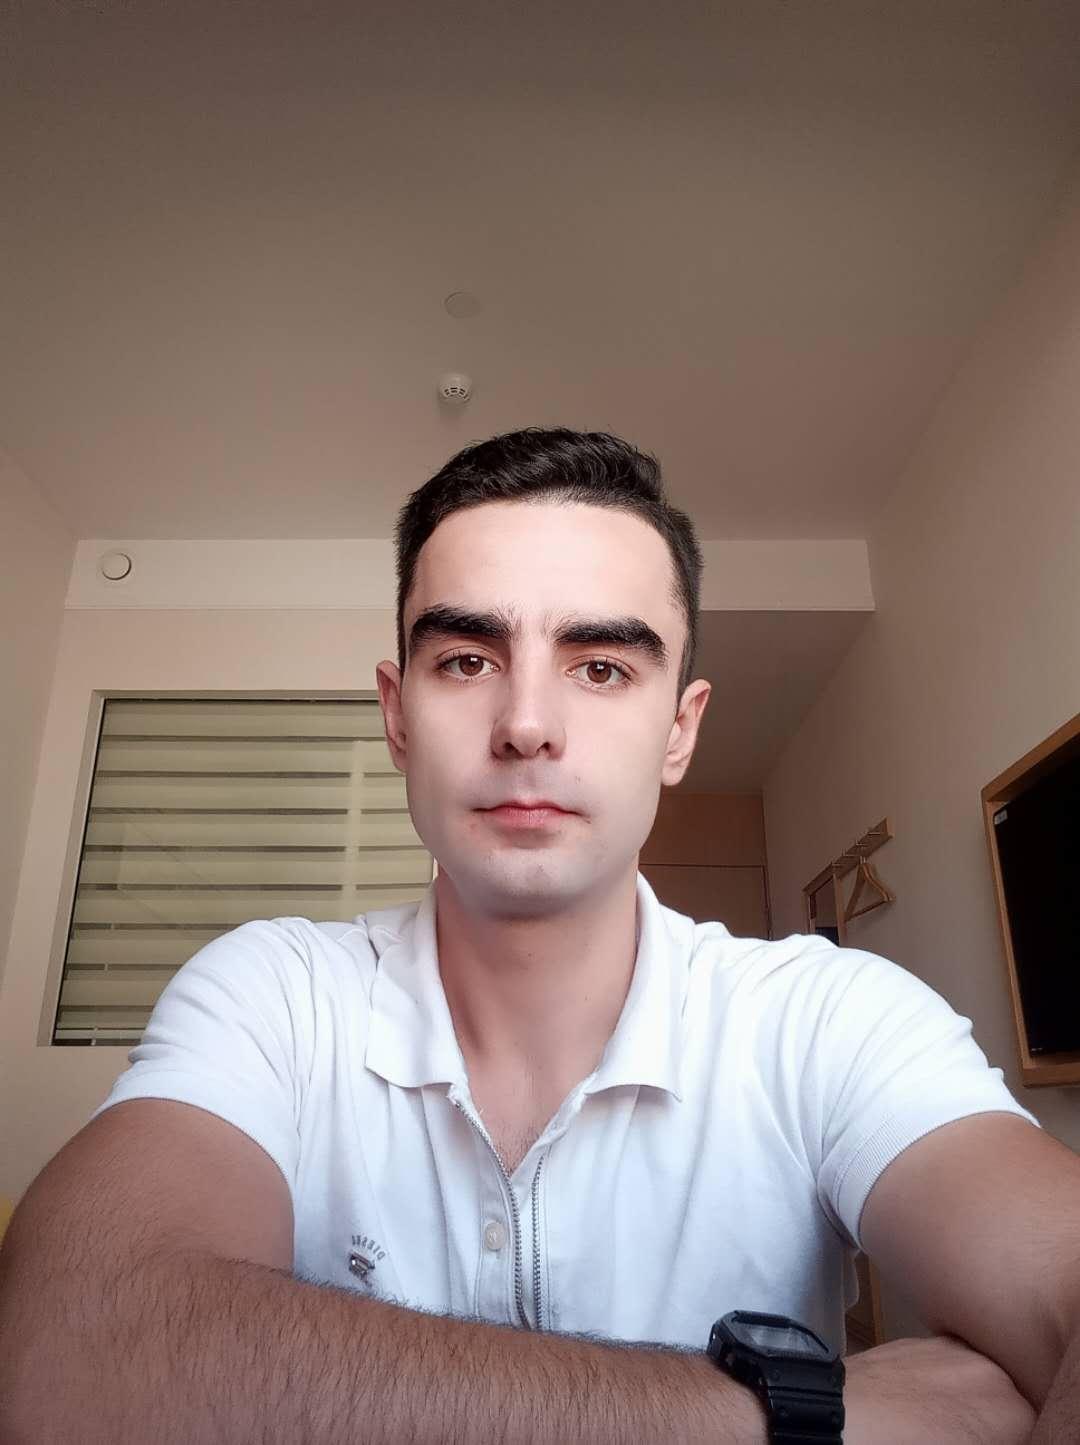 塞尔维亚本科外教wj46228422